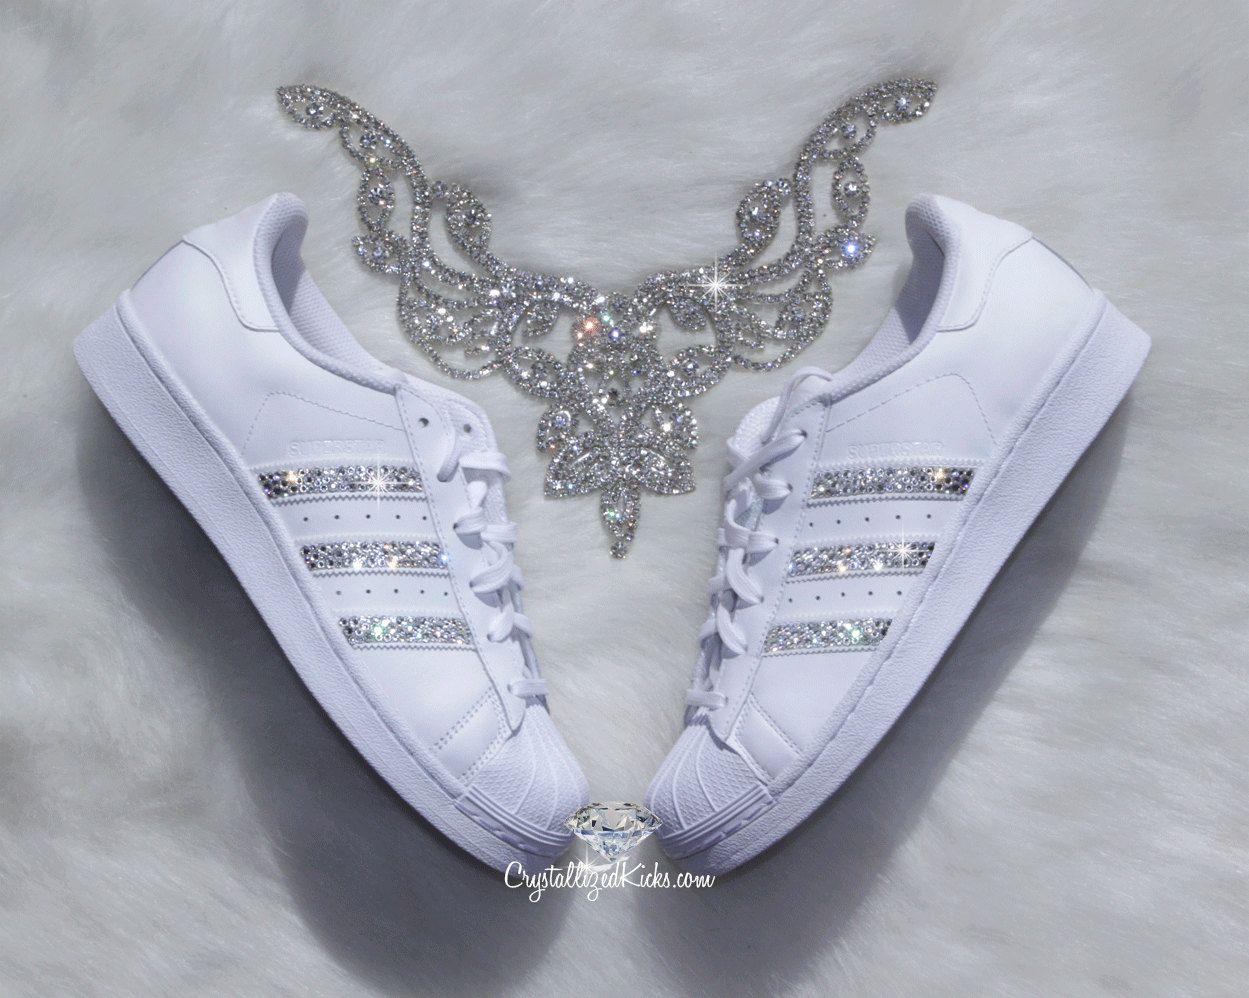 Mujeres Adidas Superstar Originale Fatto Con Cristales De Vestiti